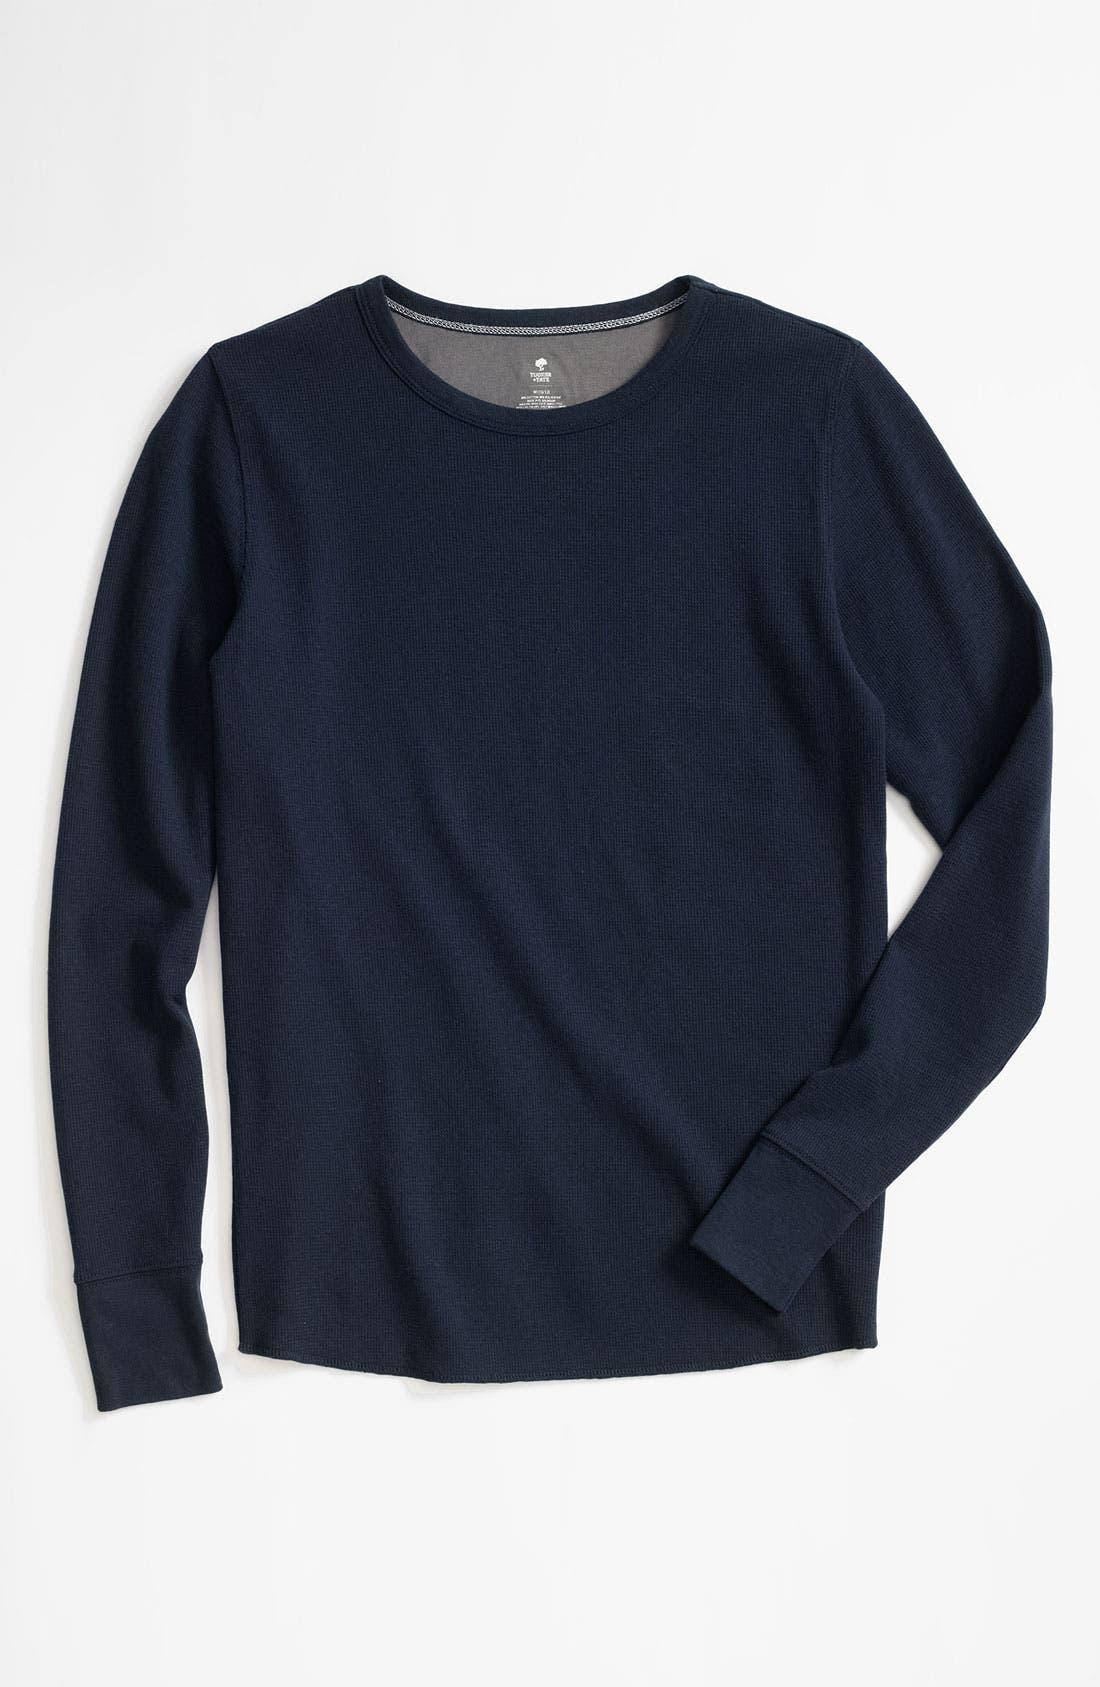 Alternate Image 1 Selected - Tucker + Tate 'Wheeler' Thermal T-Shirt (Little Boys)